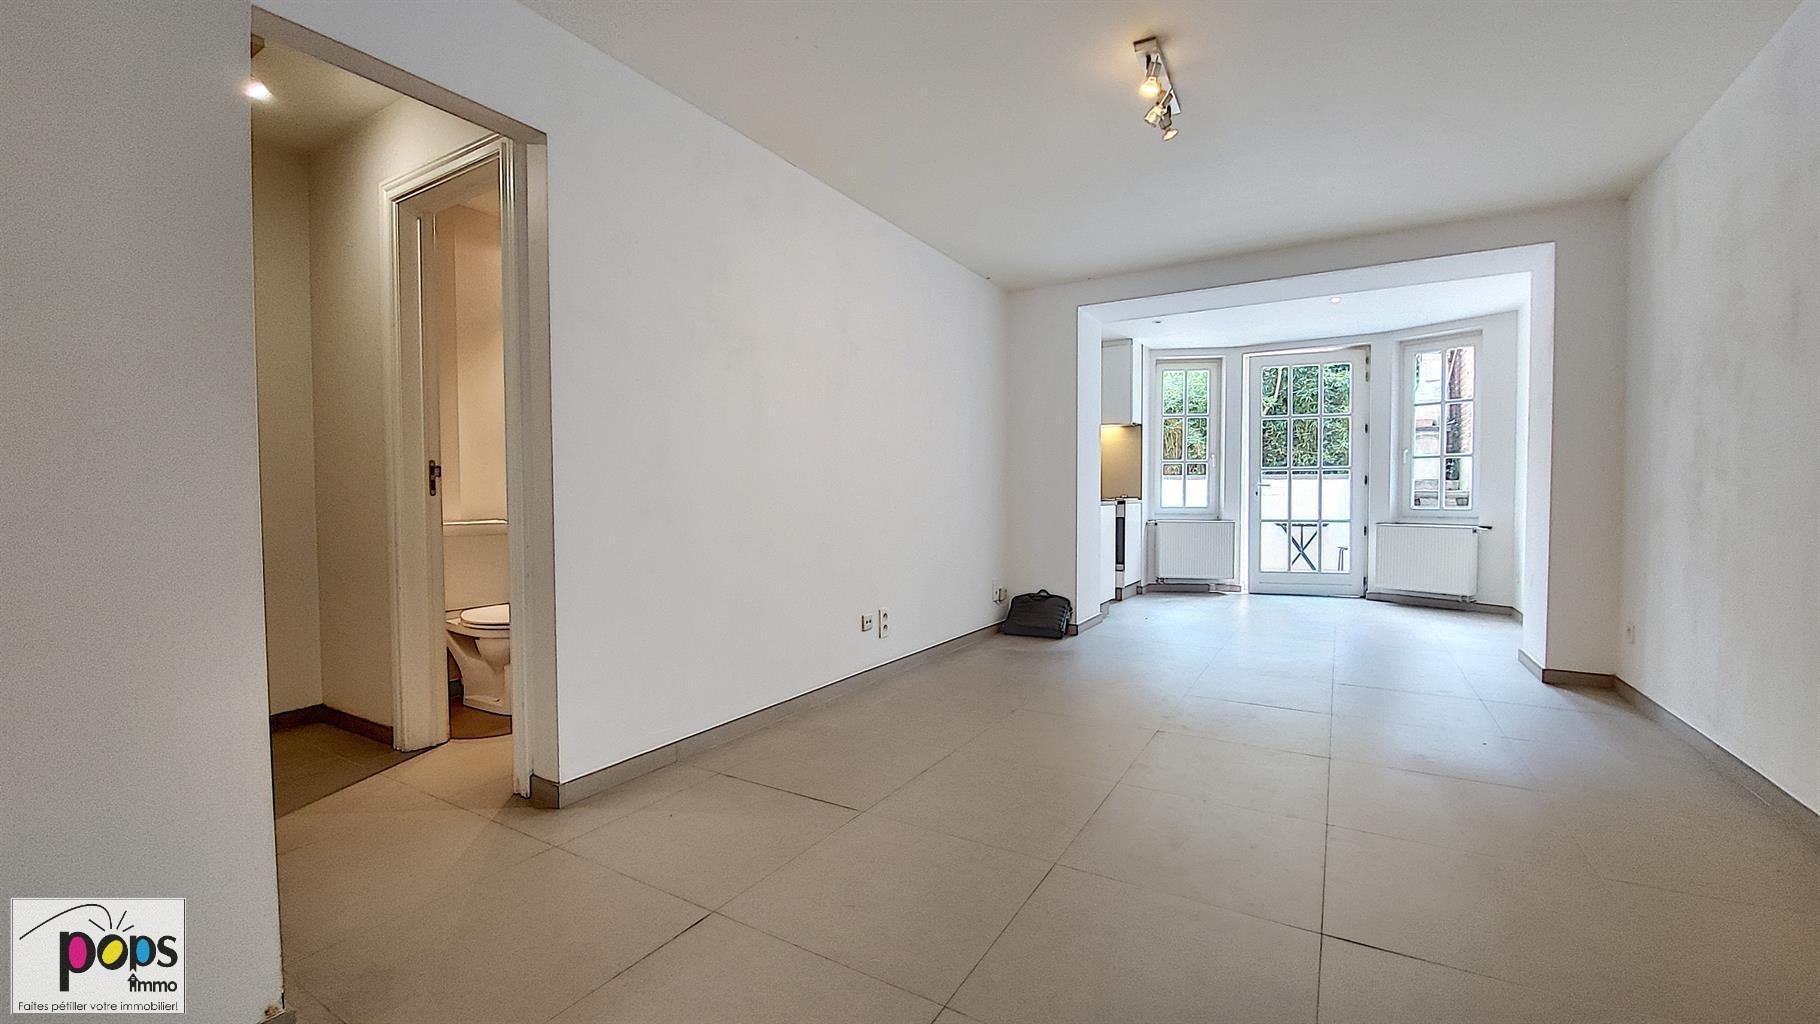 Appartement - Ixelles - #4388996-3